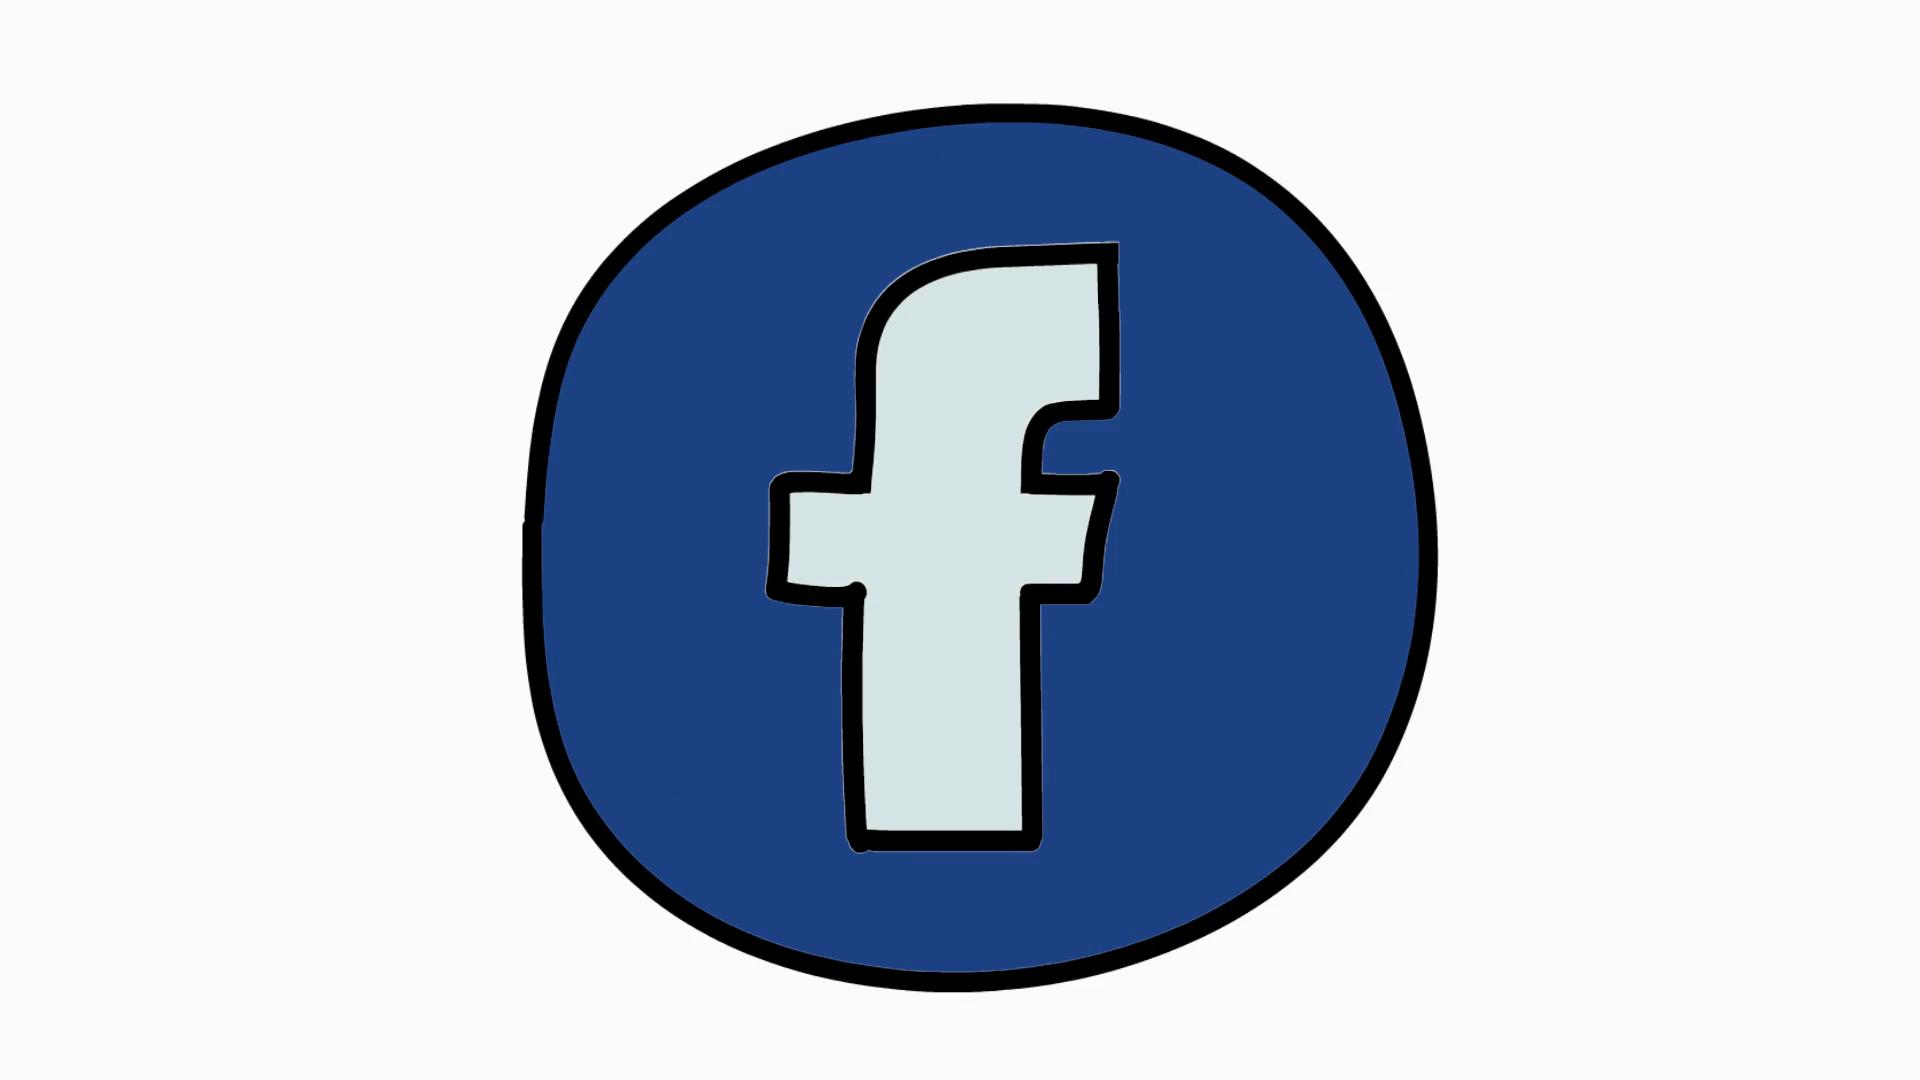 Facebook Logo Png Transparent Background (+).